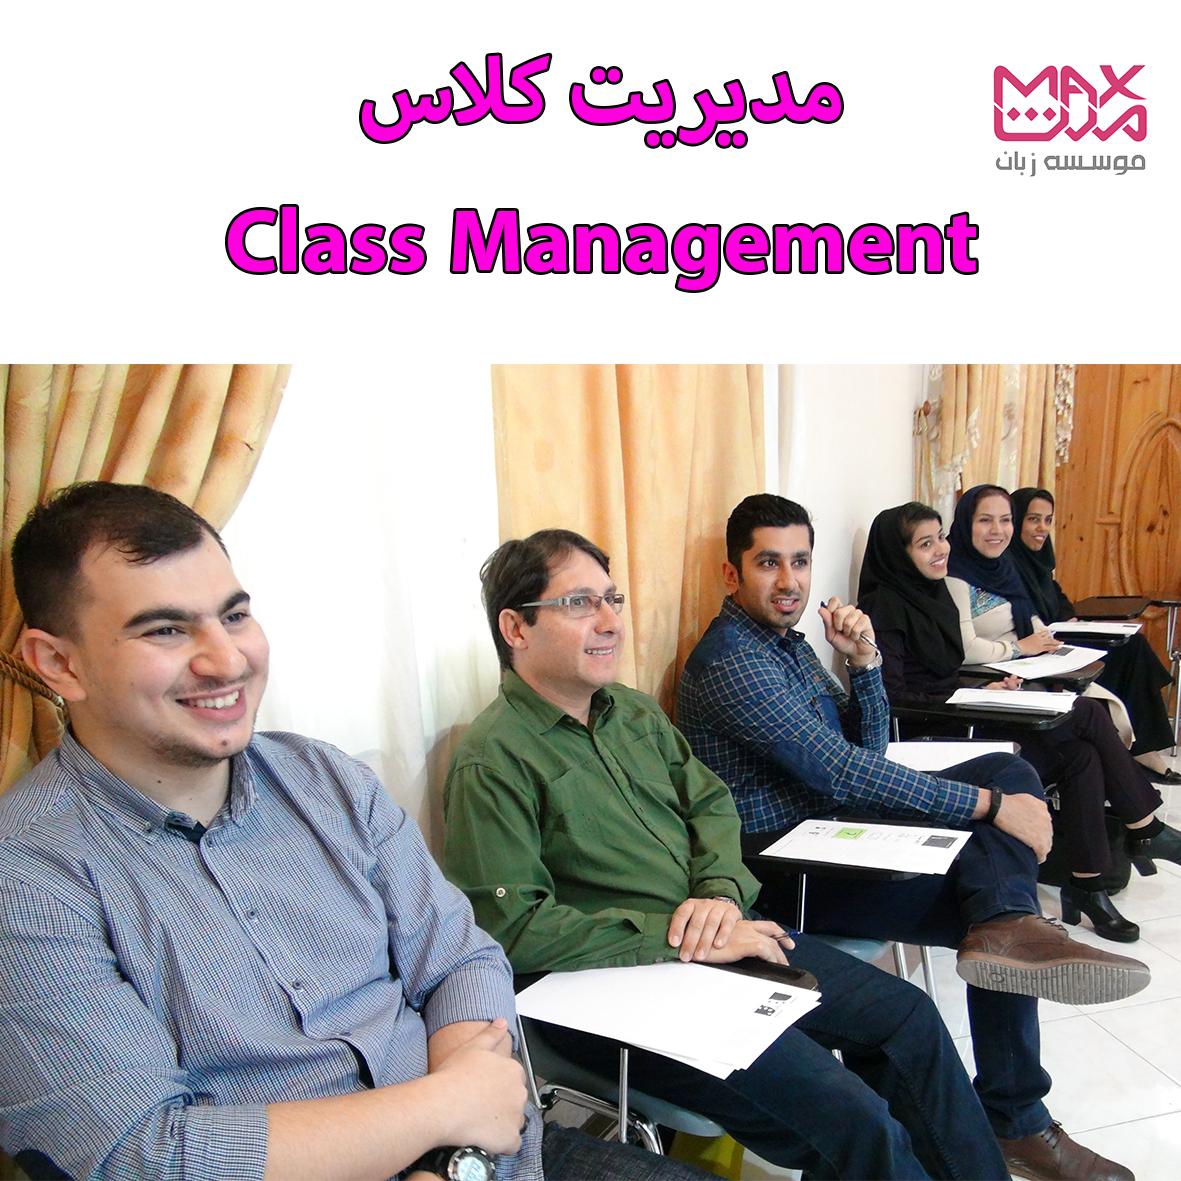 آموزش مدیریت کلاس